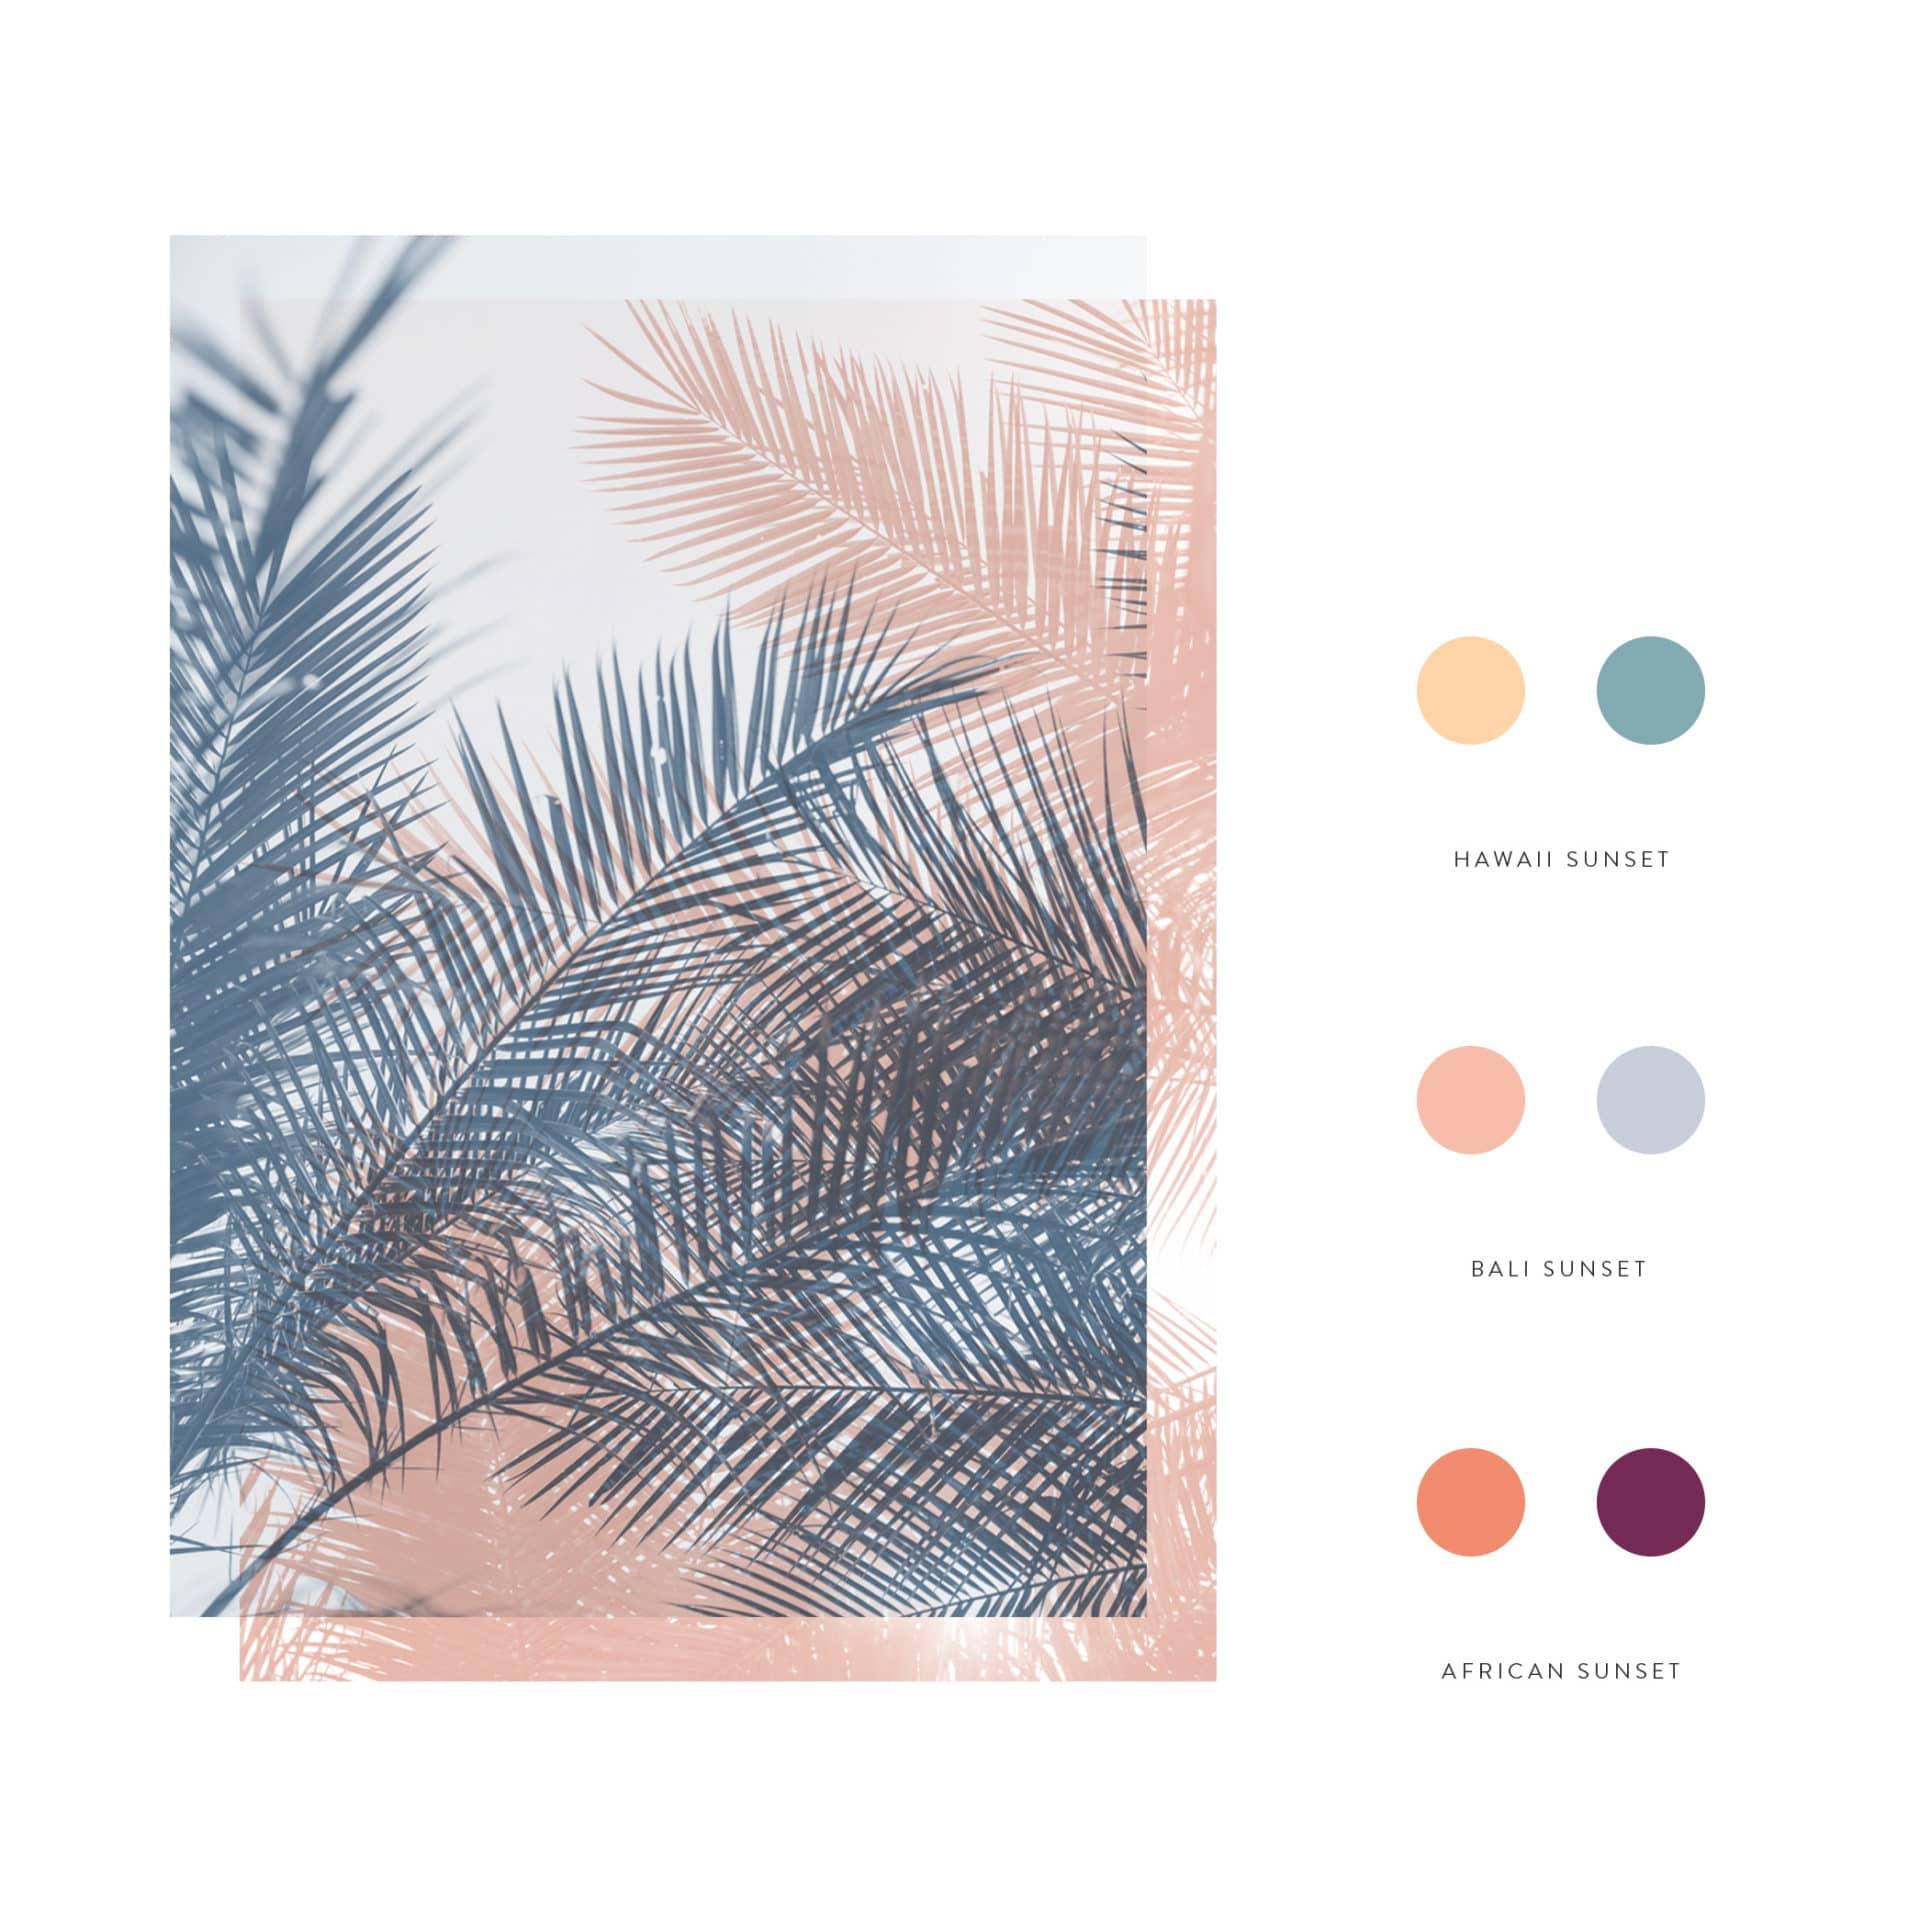 Lalu-kinlake-Branding-Collage-03